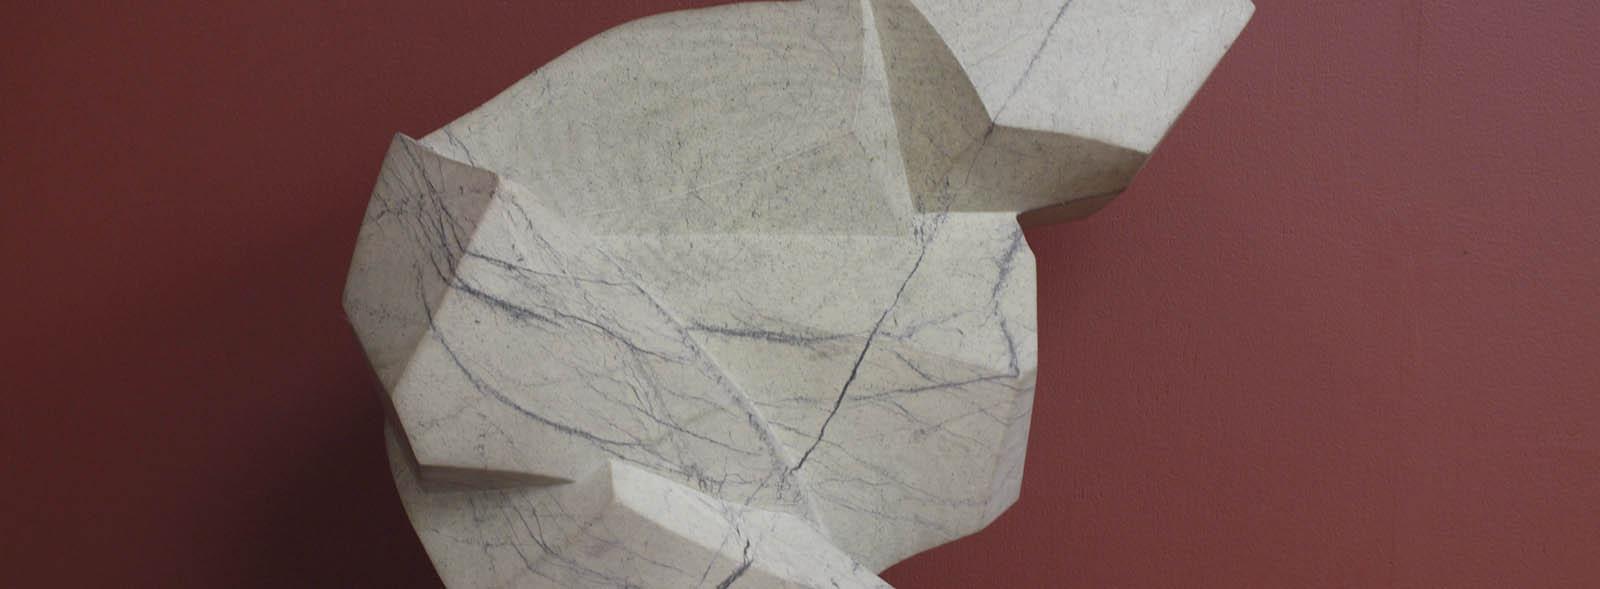 brighton sango sculpture